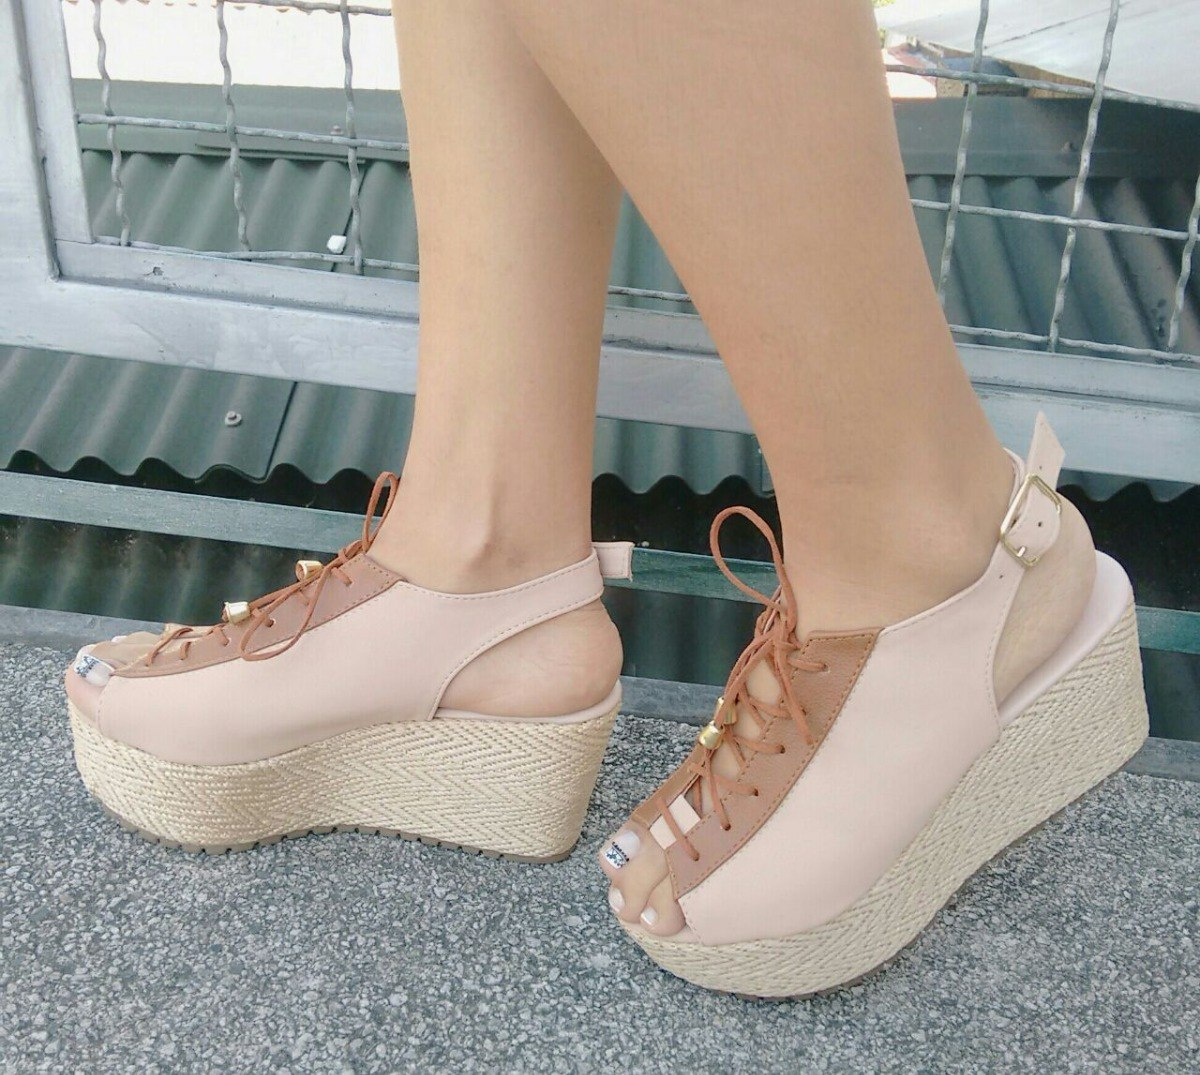 fotos oficiales 70466 7f776 Zapatos Para Mujeres Altos Plataforma Palo Rosa De Moda Dama